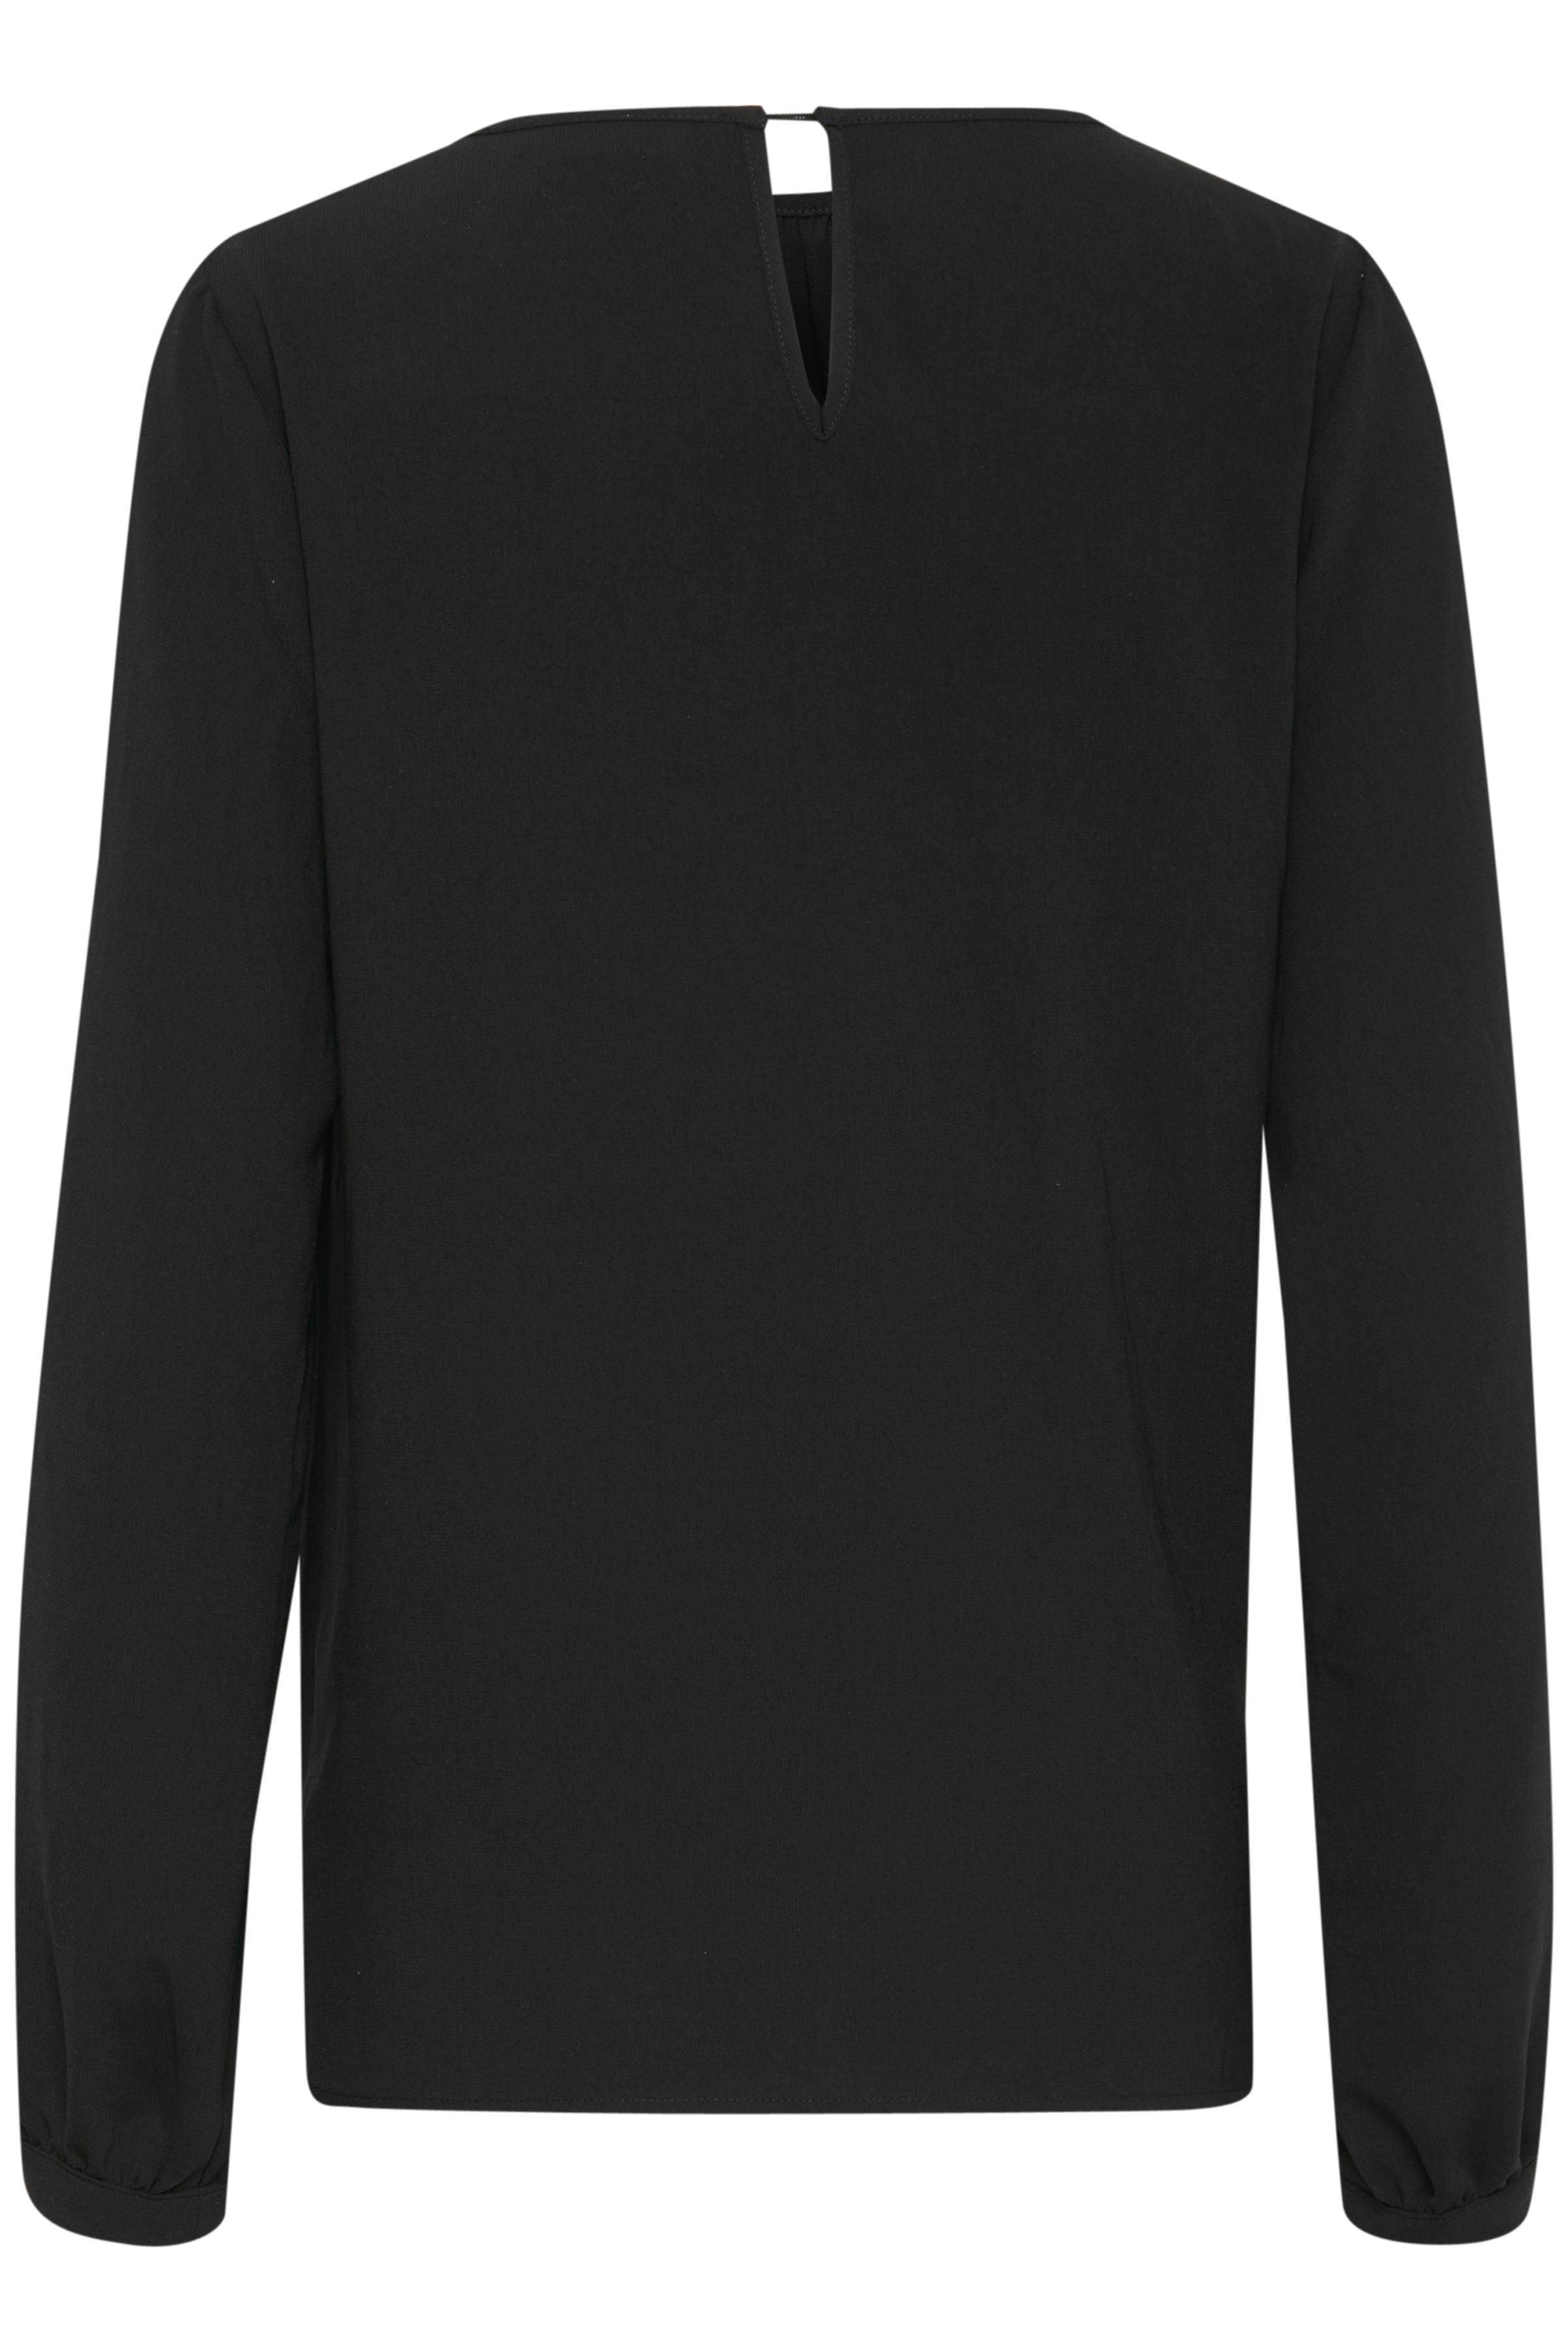 Sort Langærmet bluse fra Fransa – Køb Sort Langærmet bluse fra str. XS-XXL her